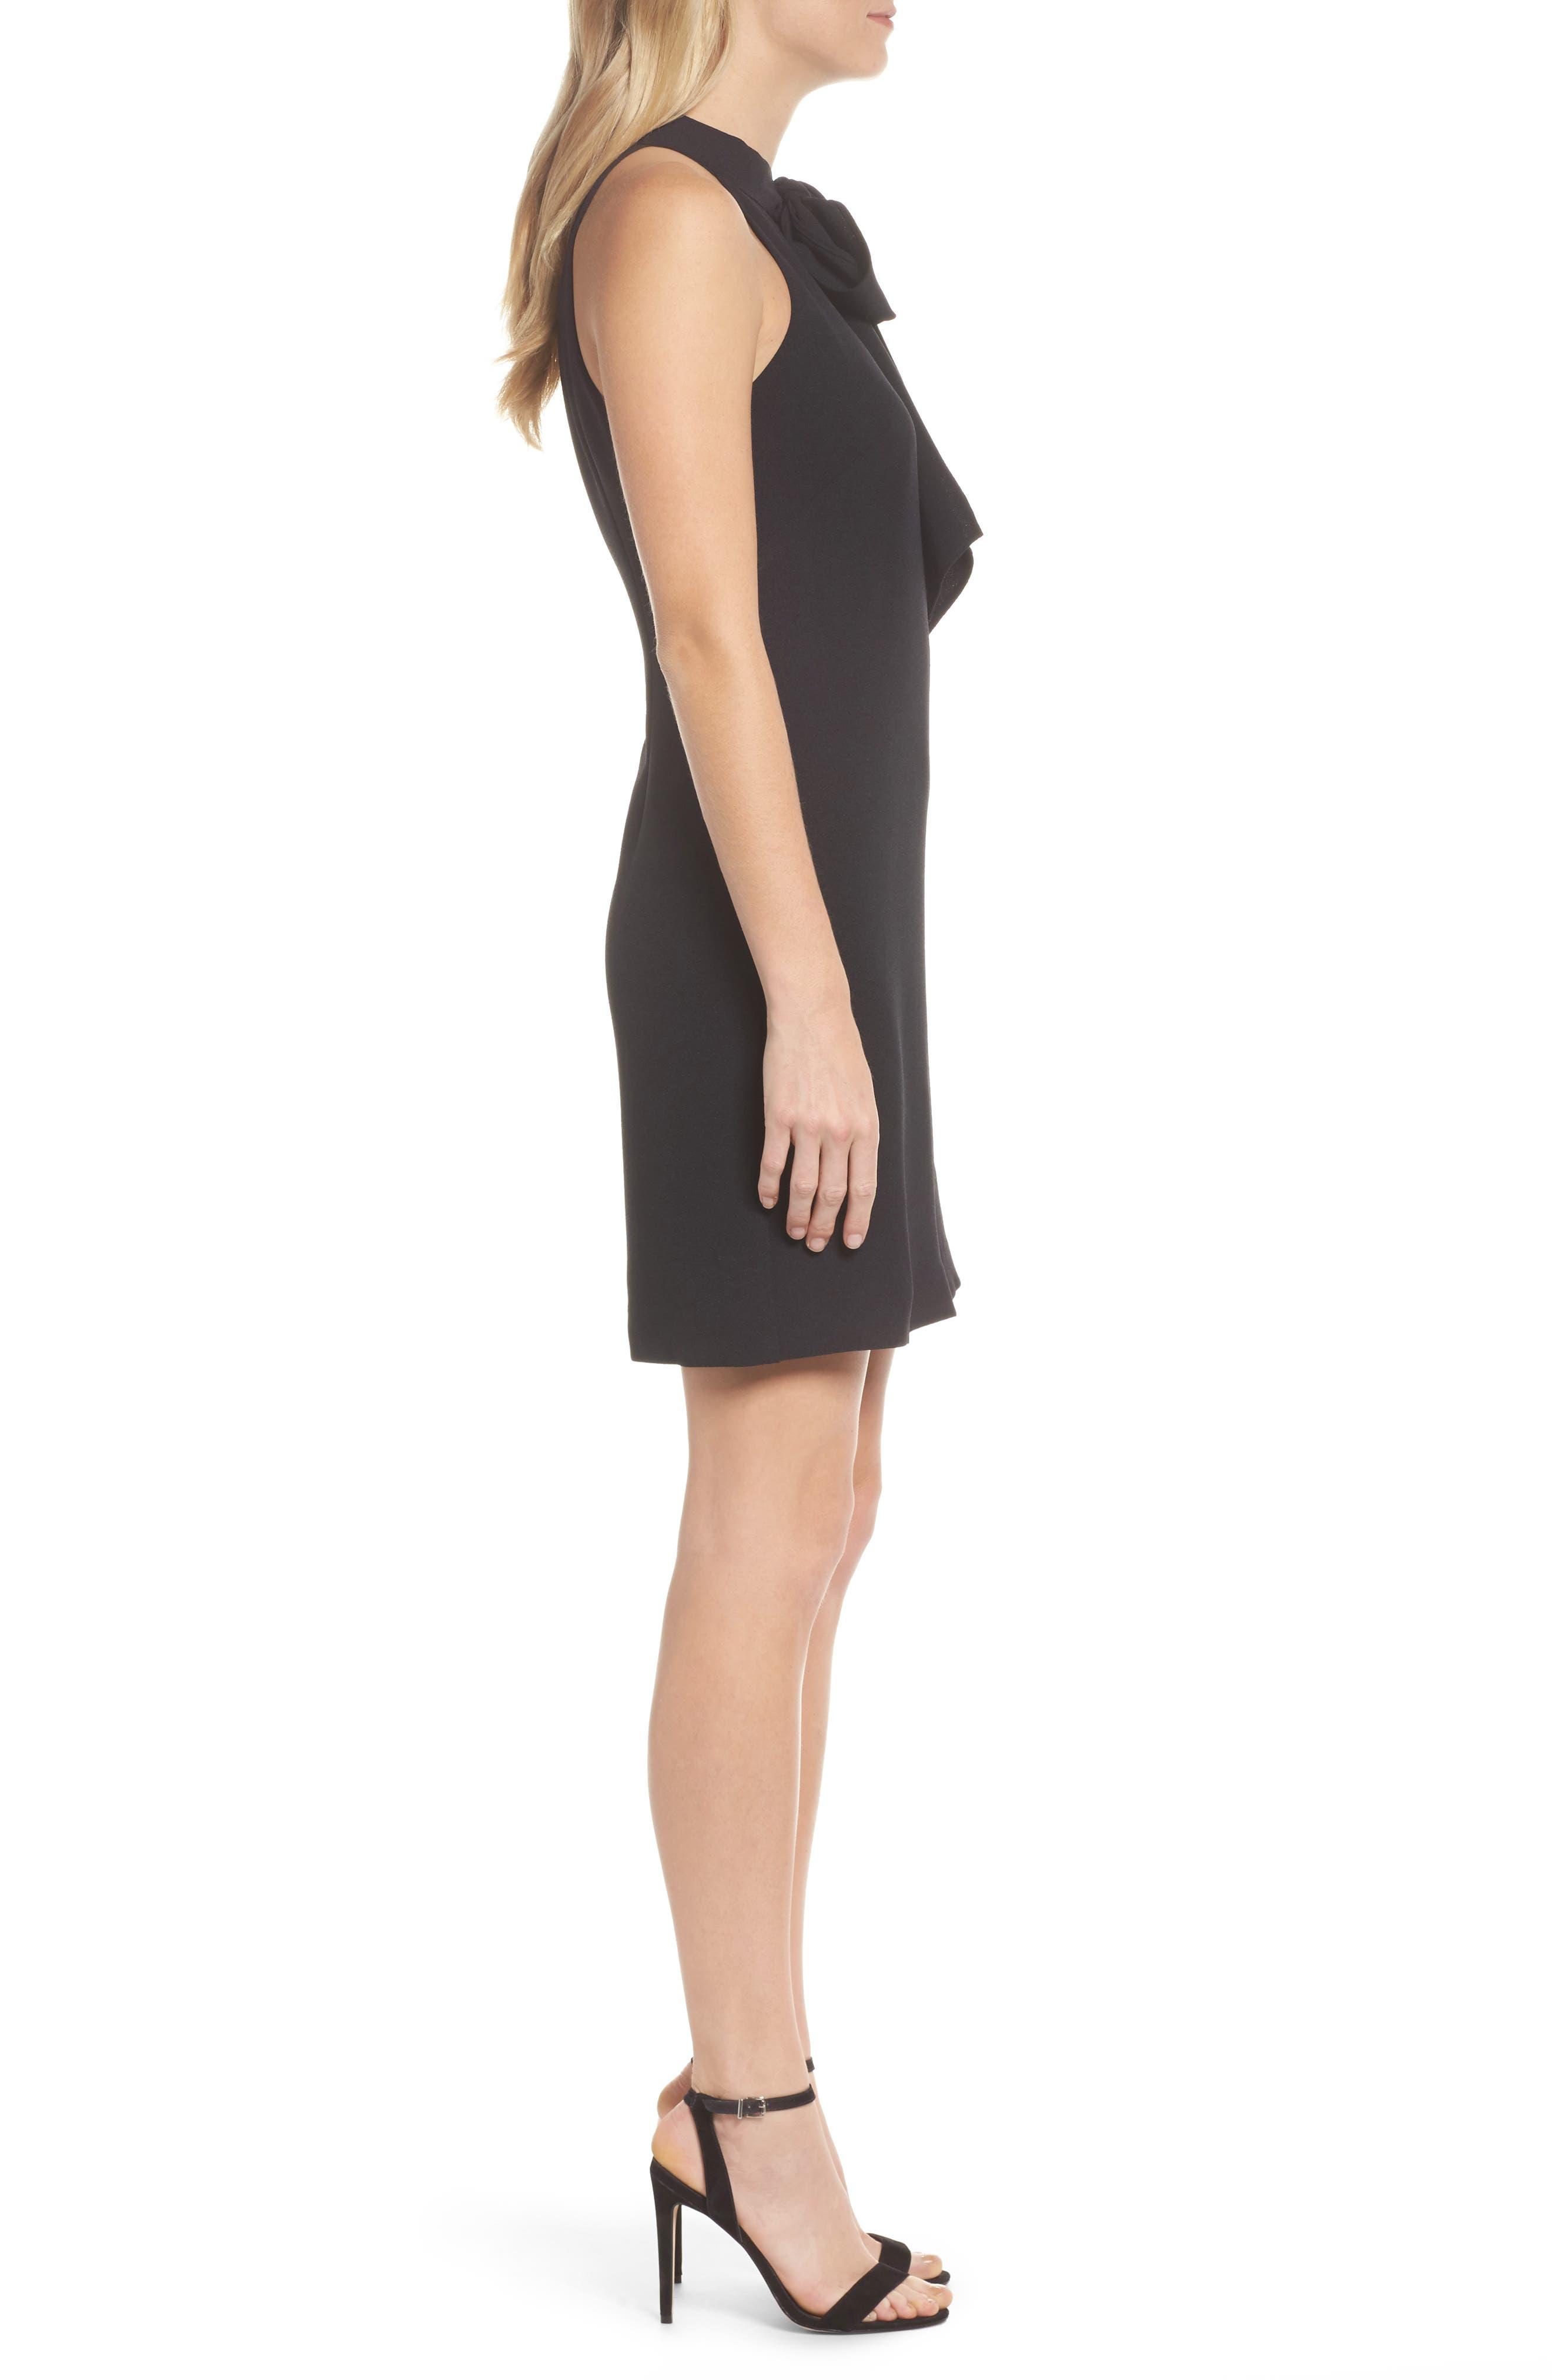 VINCE CAMUTO, Halter Tie Neck A-Line Dress, Alternate thumbnail 4, color, 001